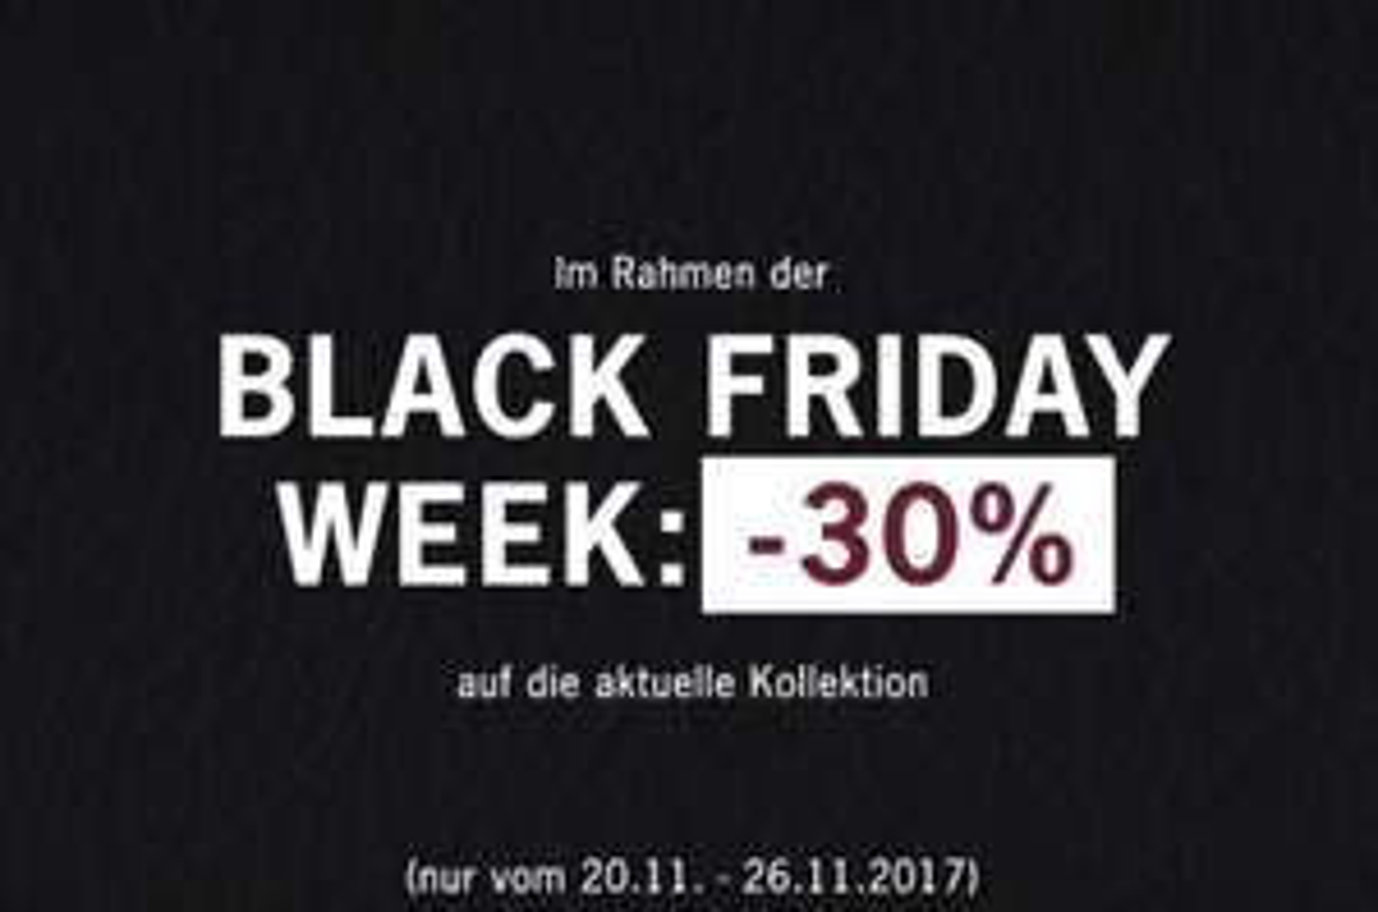 30% Rabatt auf die gesamte Kollektion von Ben Sherman bis 26.11.- Black Friday Week